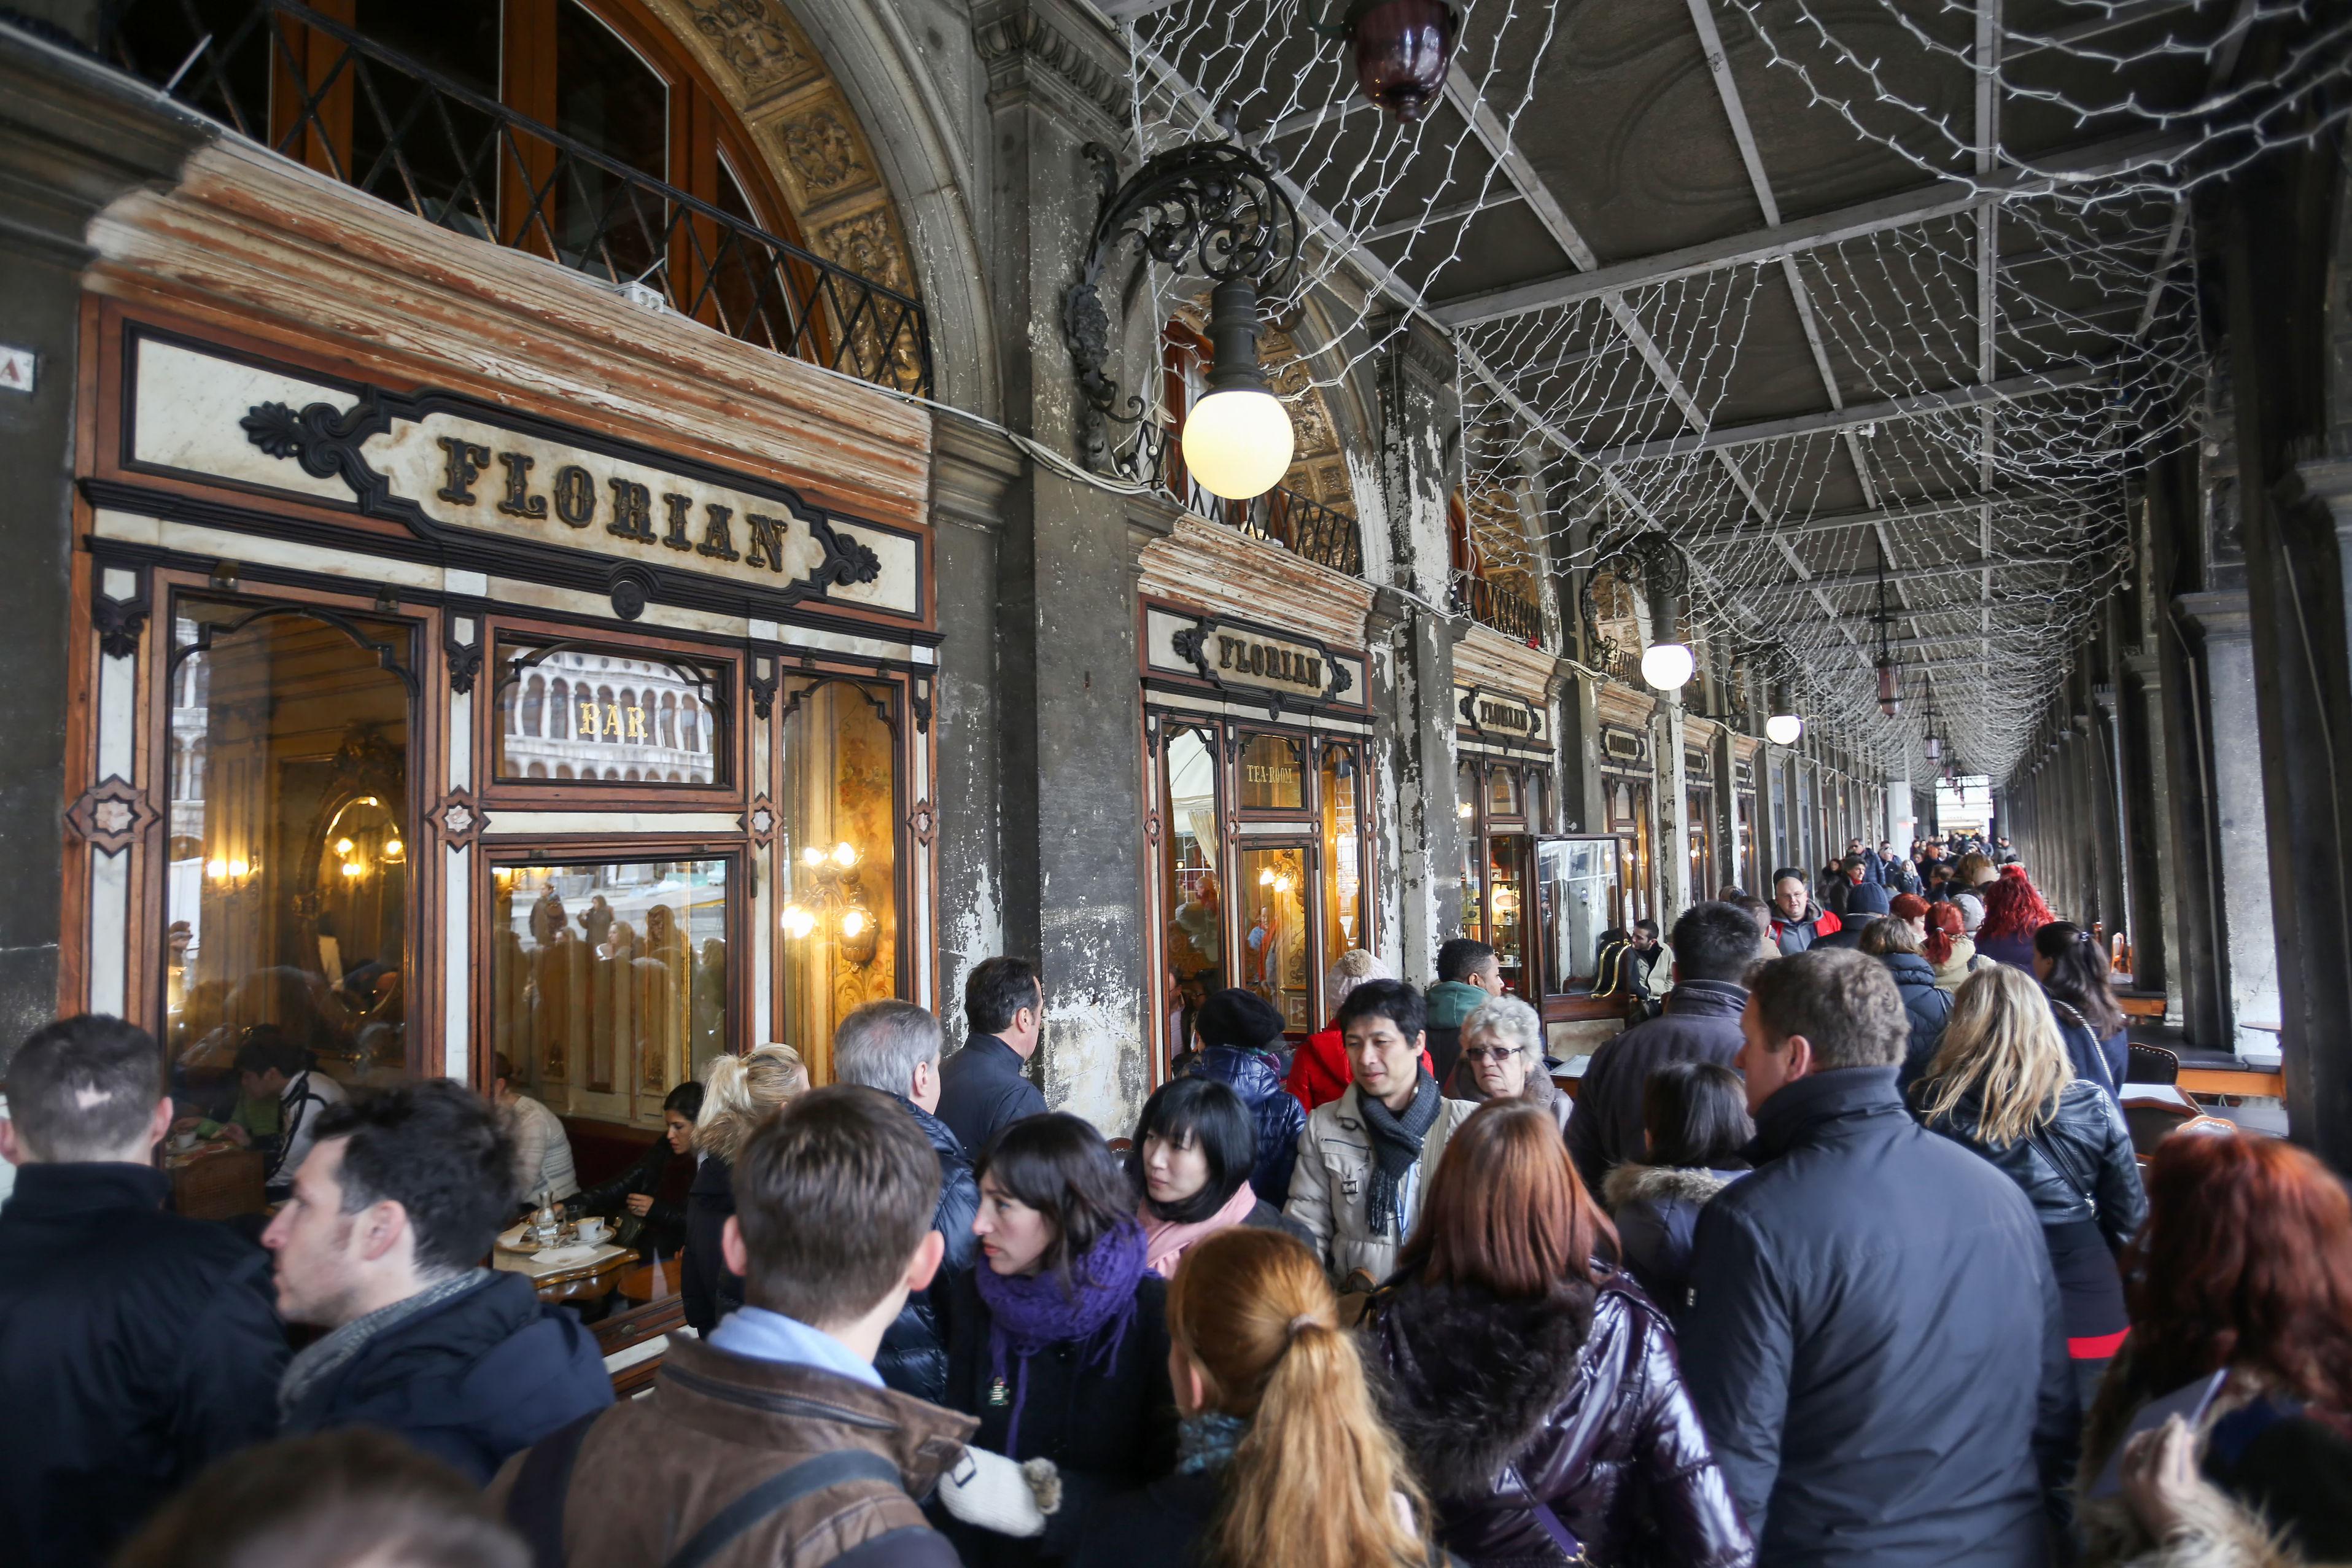 Caffe Florian, cea mai veche cafenea italiana